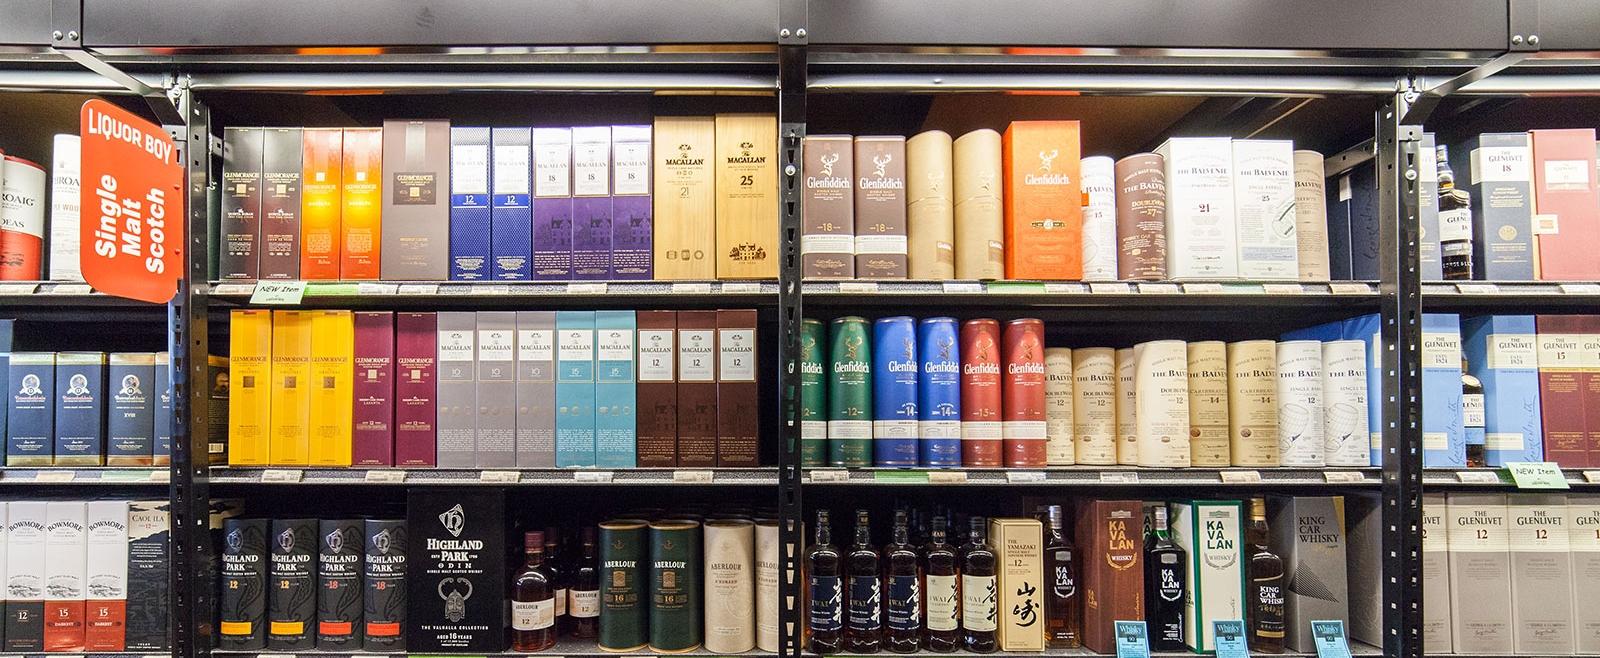 Liquor Boy Spirits Shelf